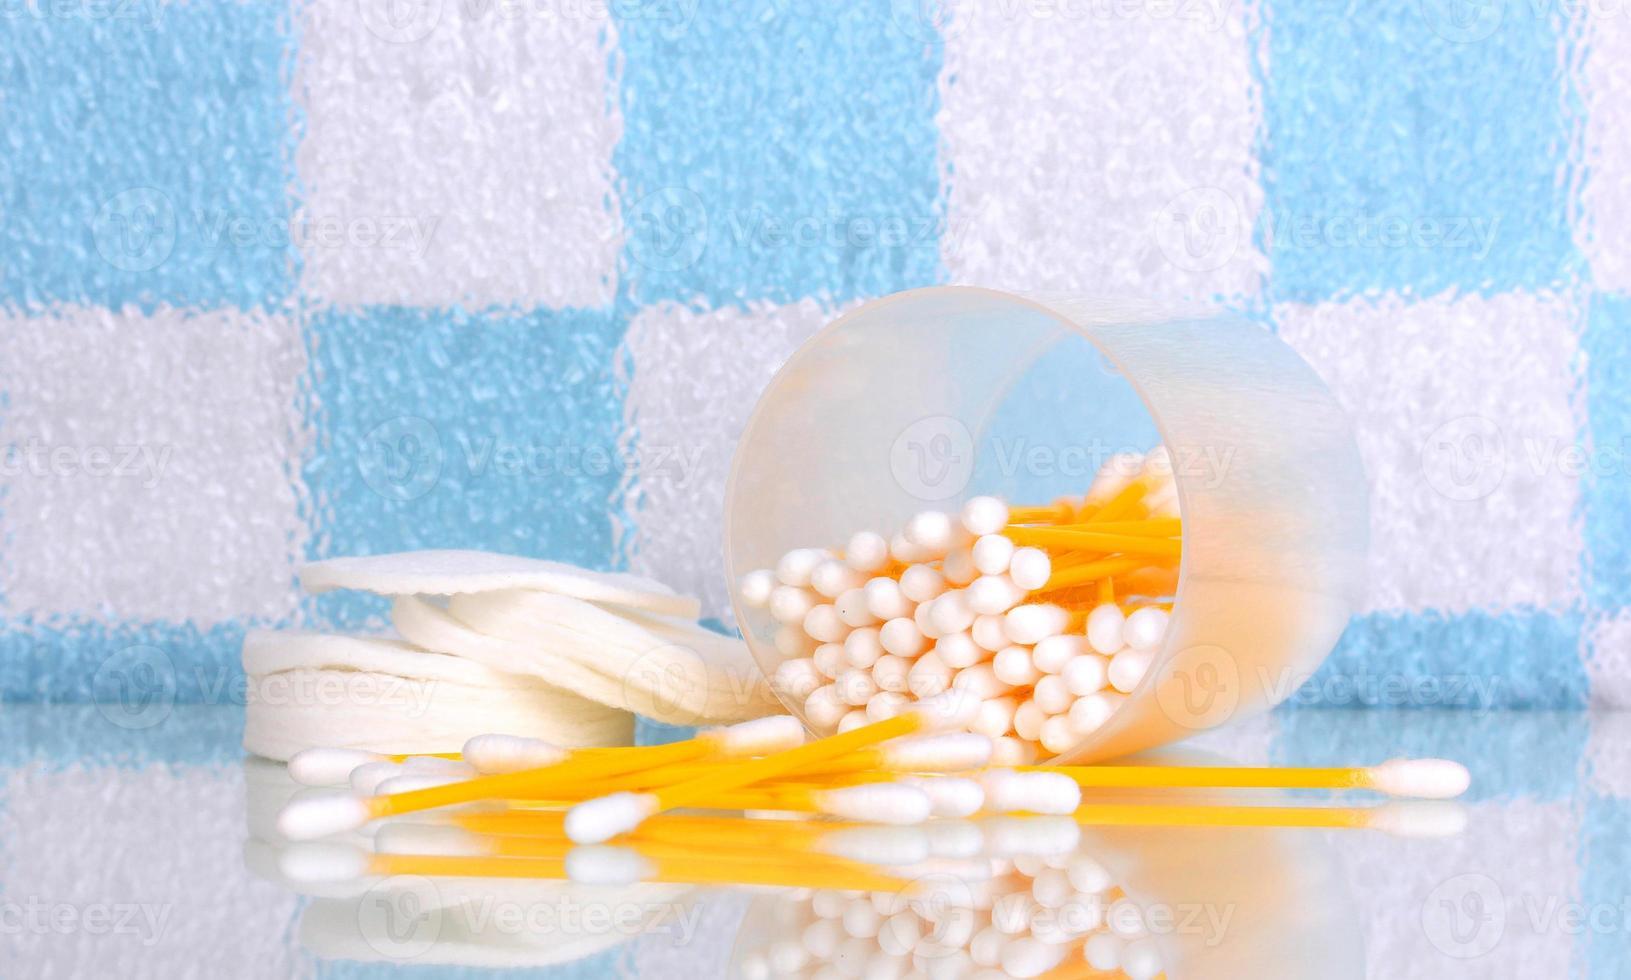 tamponi di cotone e bastoncini in bagno foto